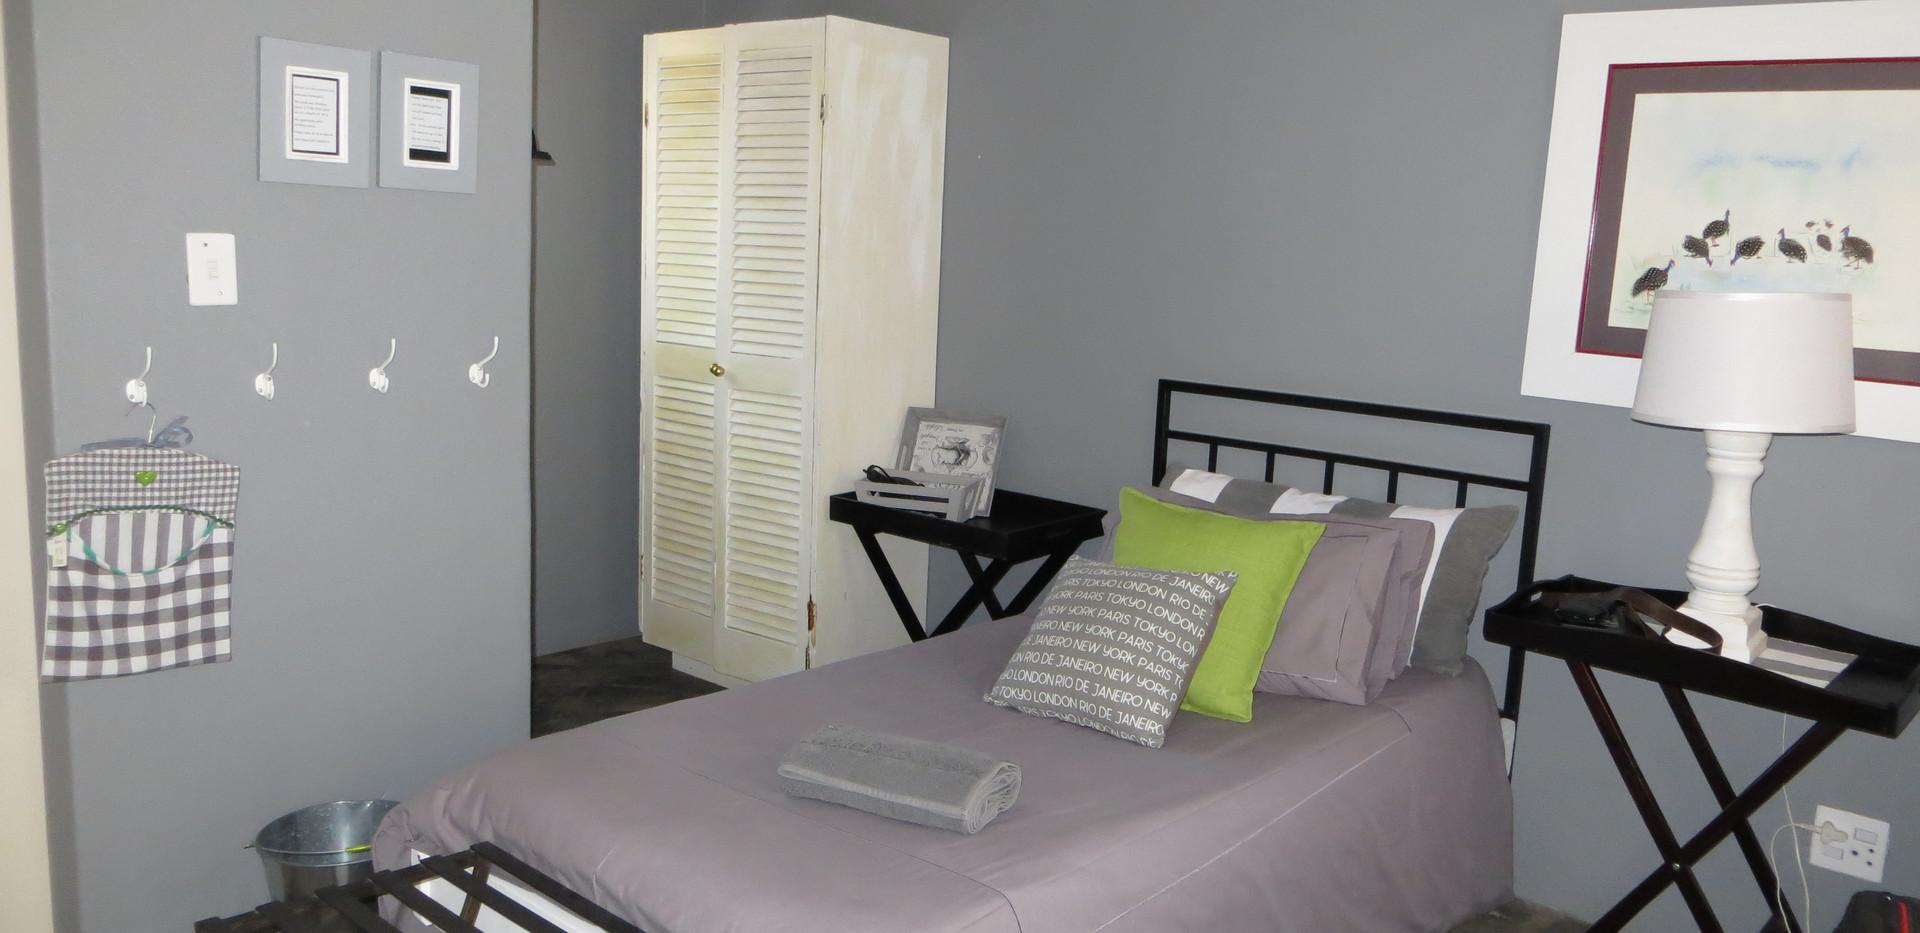 Room1_Grys_Groen.JPG